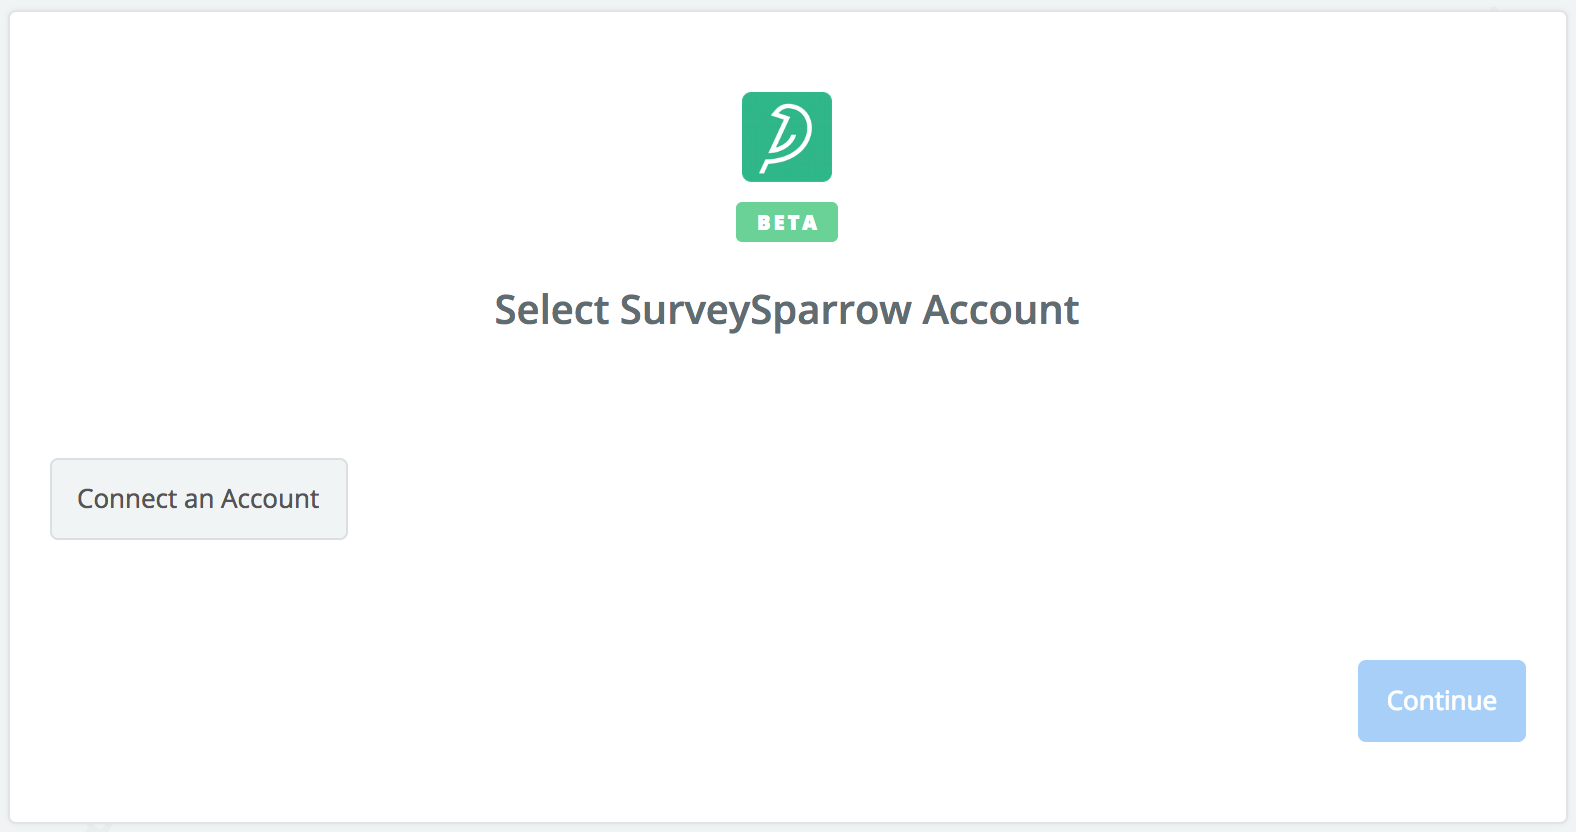 Click to connect SurveySparrow